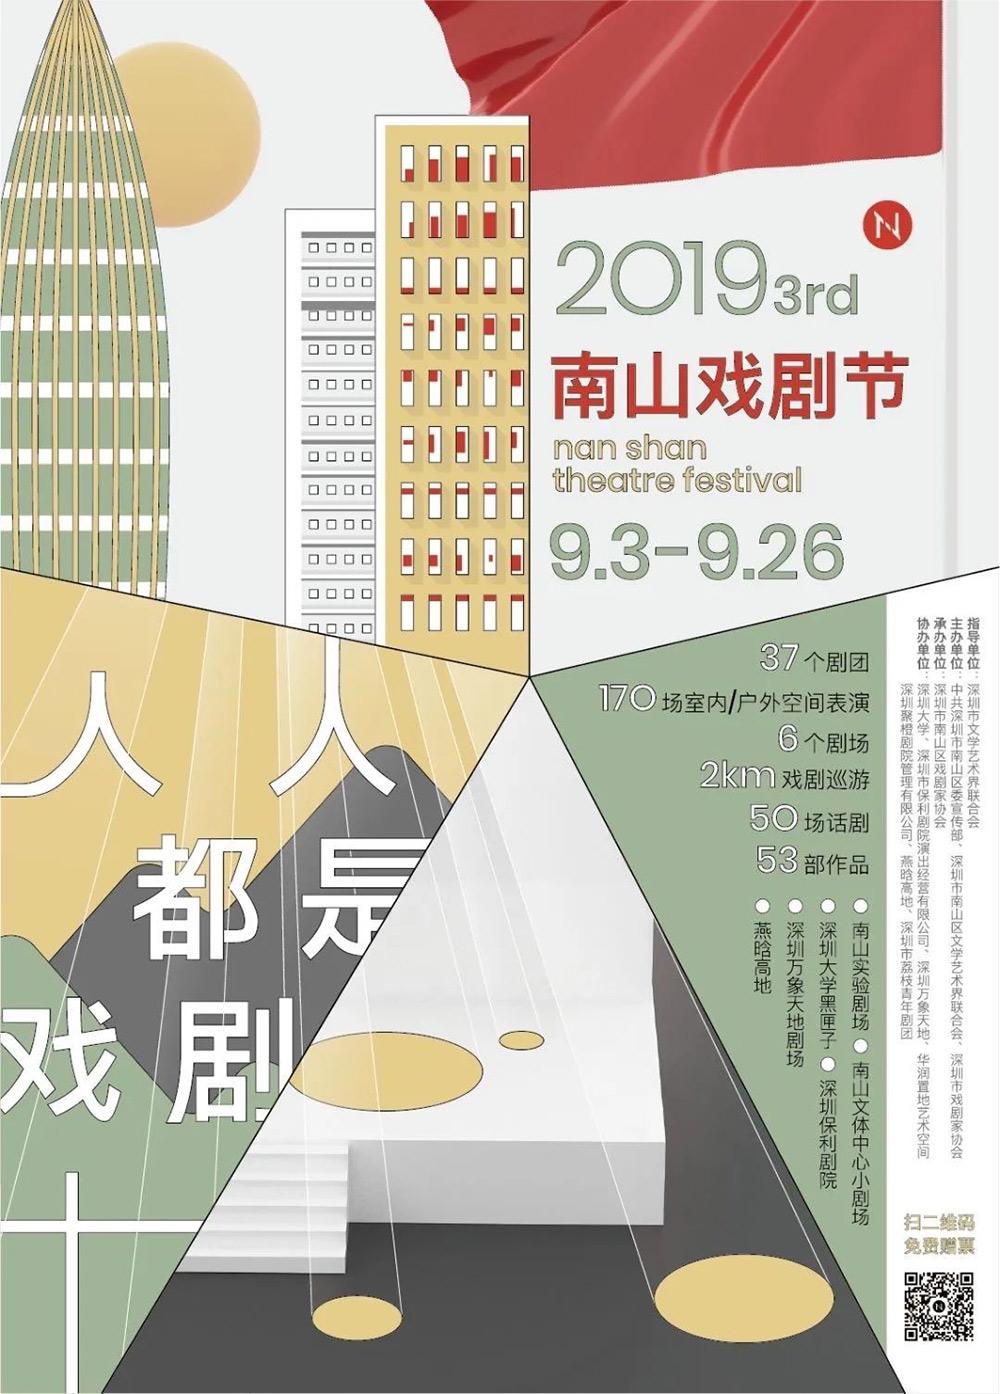 表达观念!15张精彩的戏剧海报